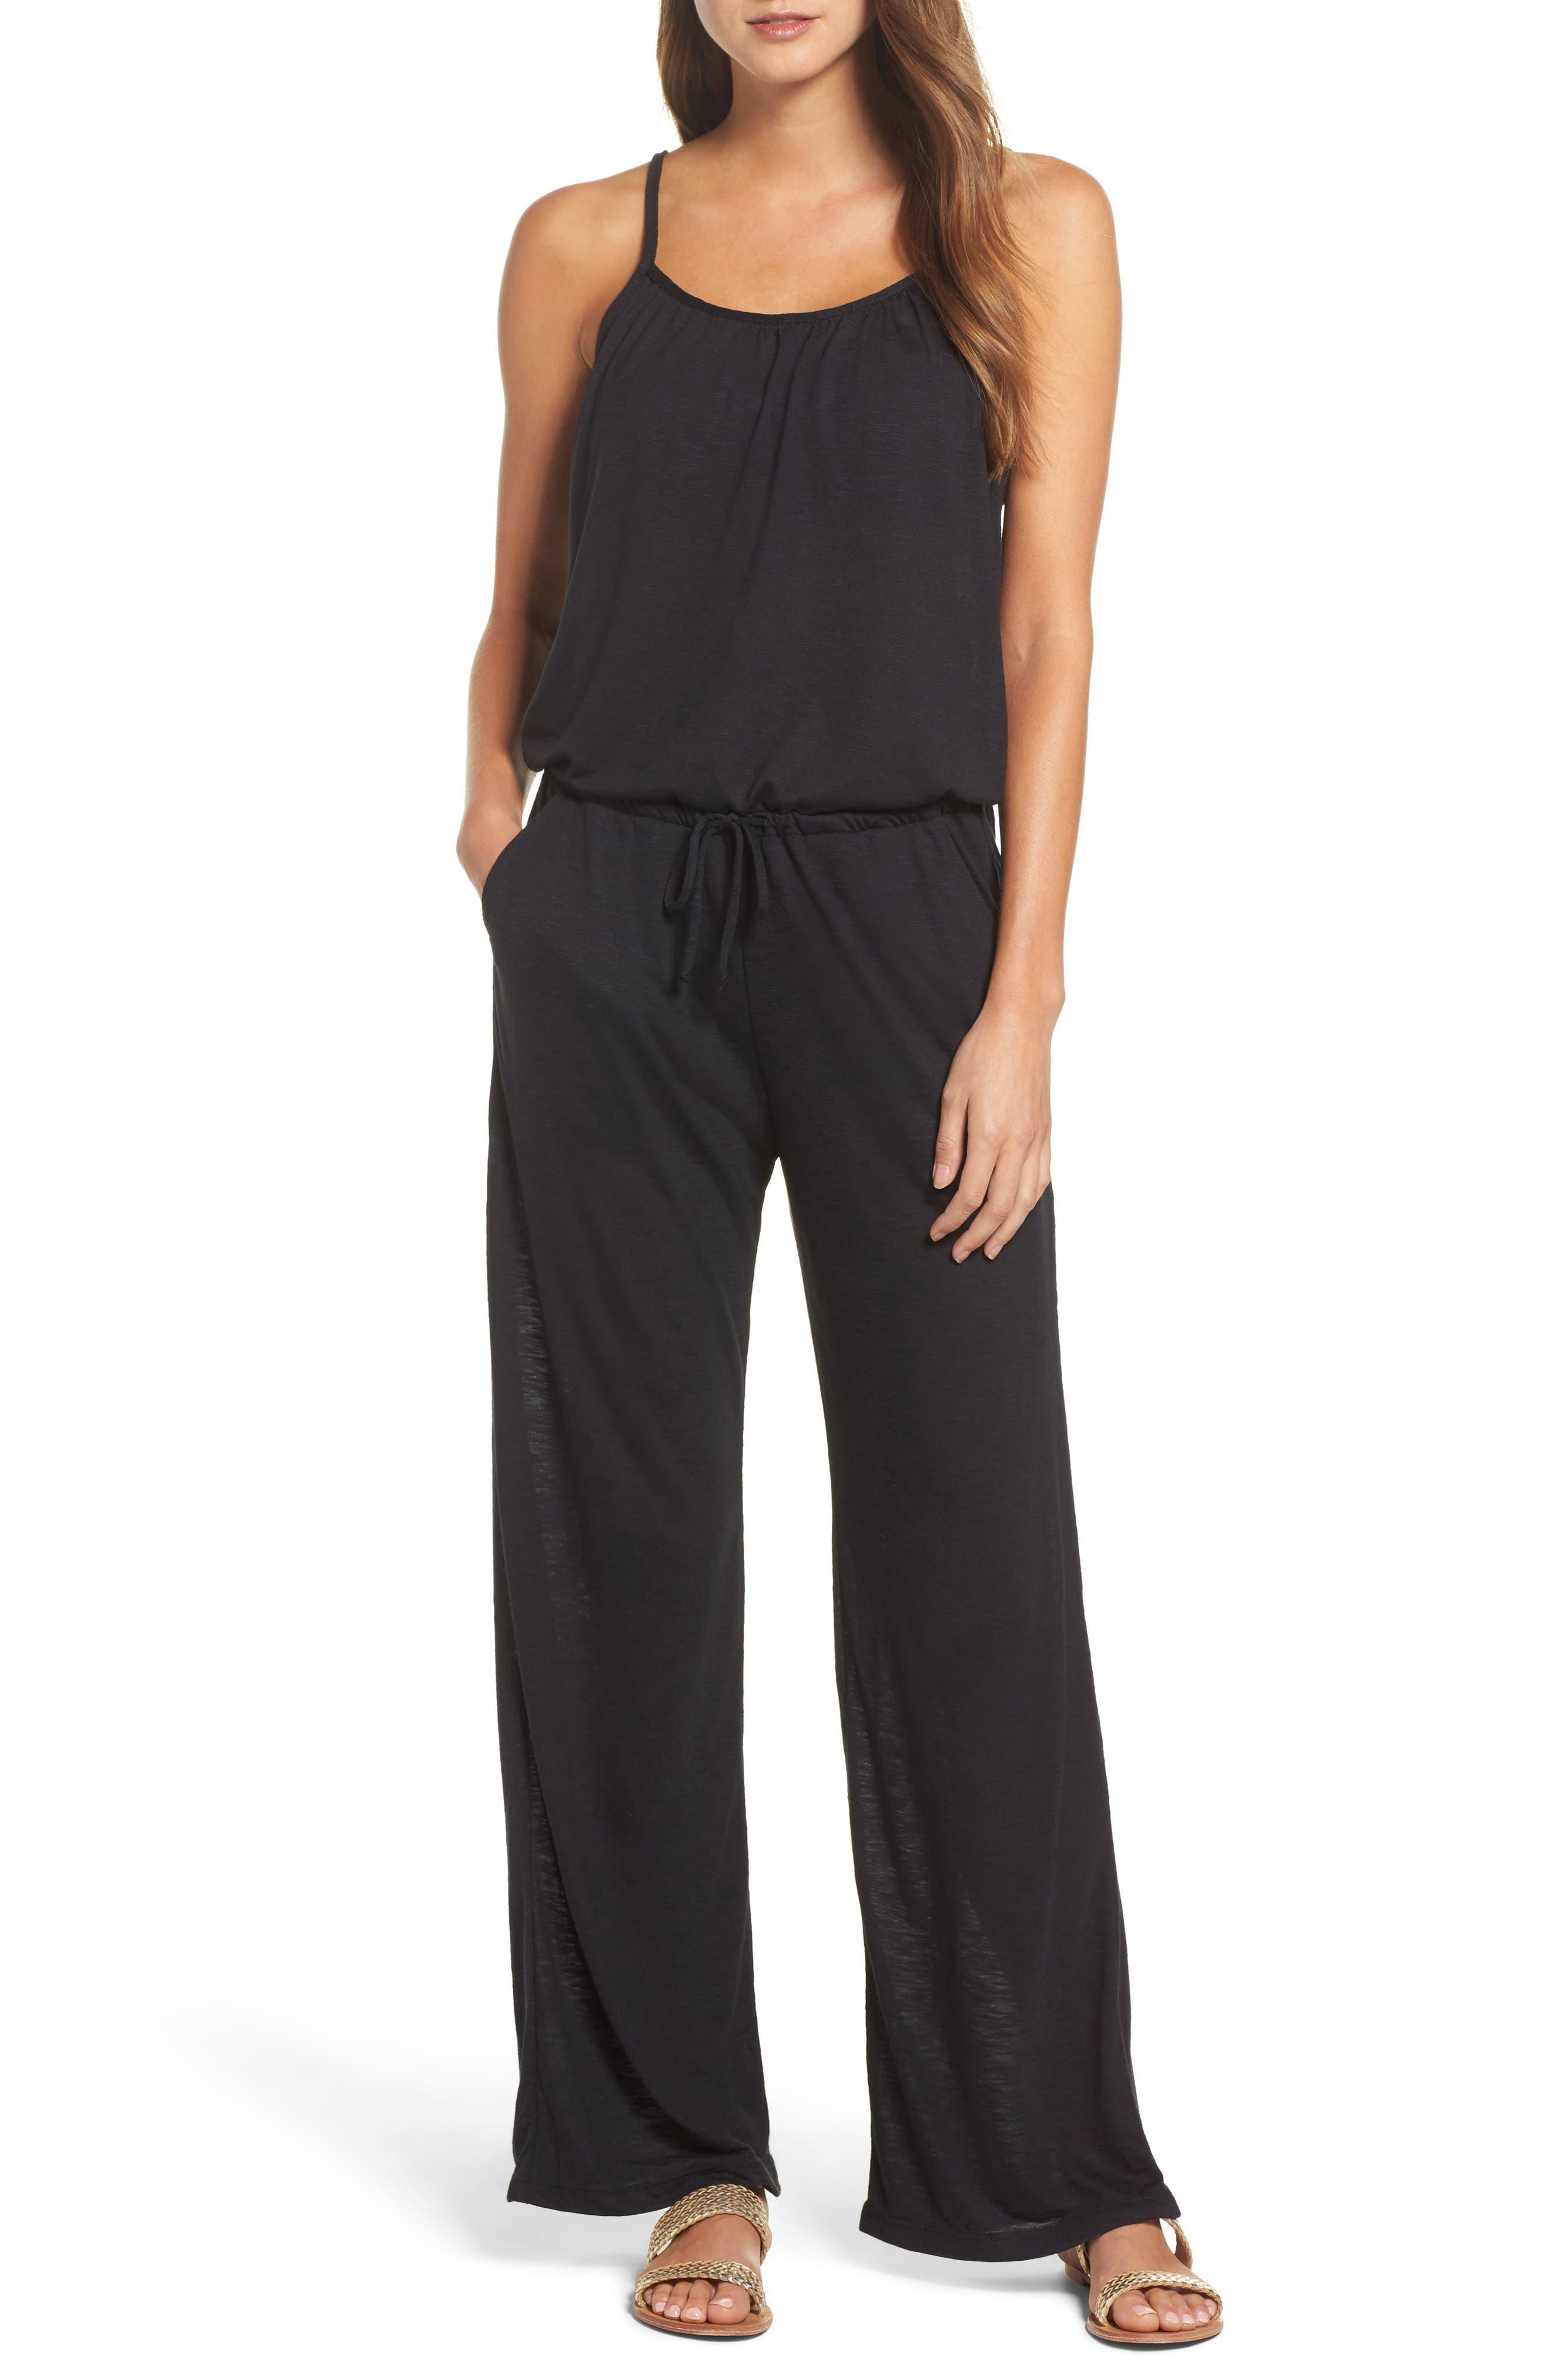 Breezy Basics Jumpsuit,                         Main,                         color, BLACK